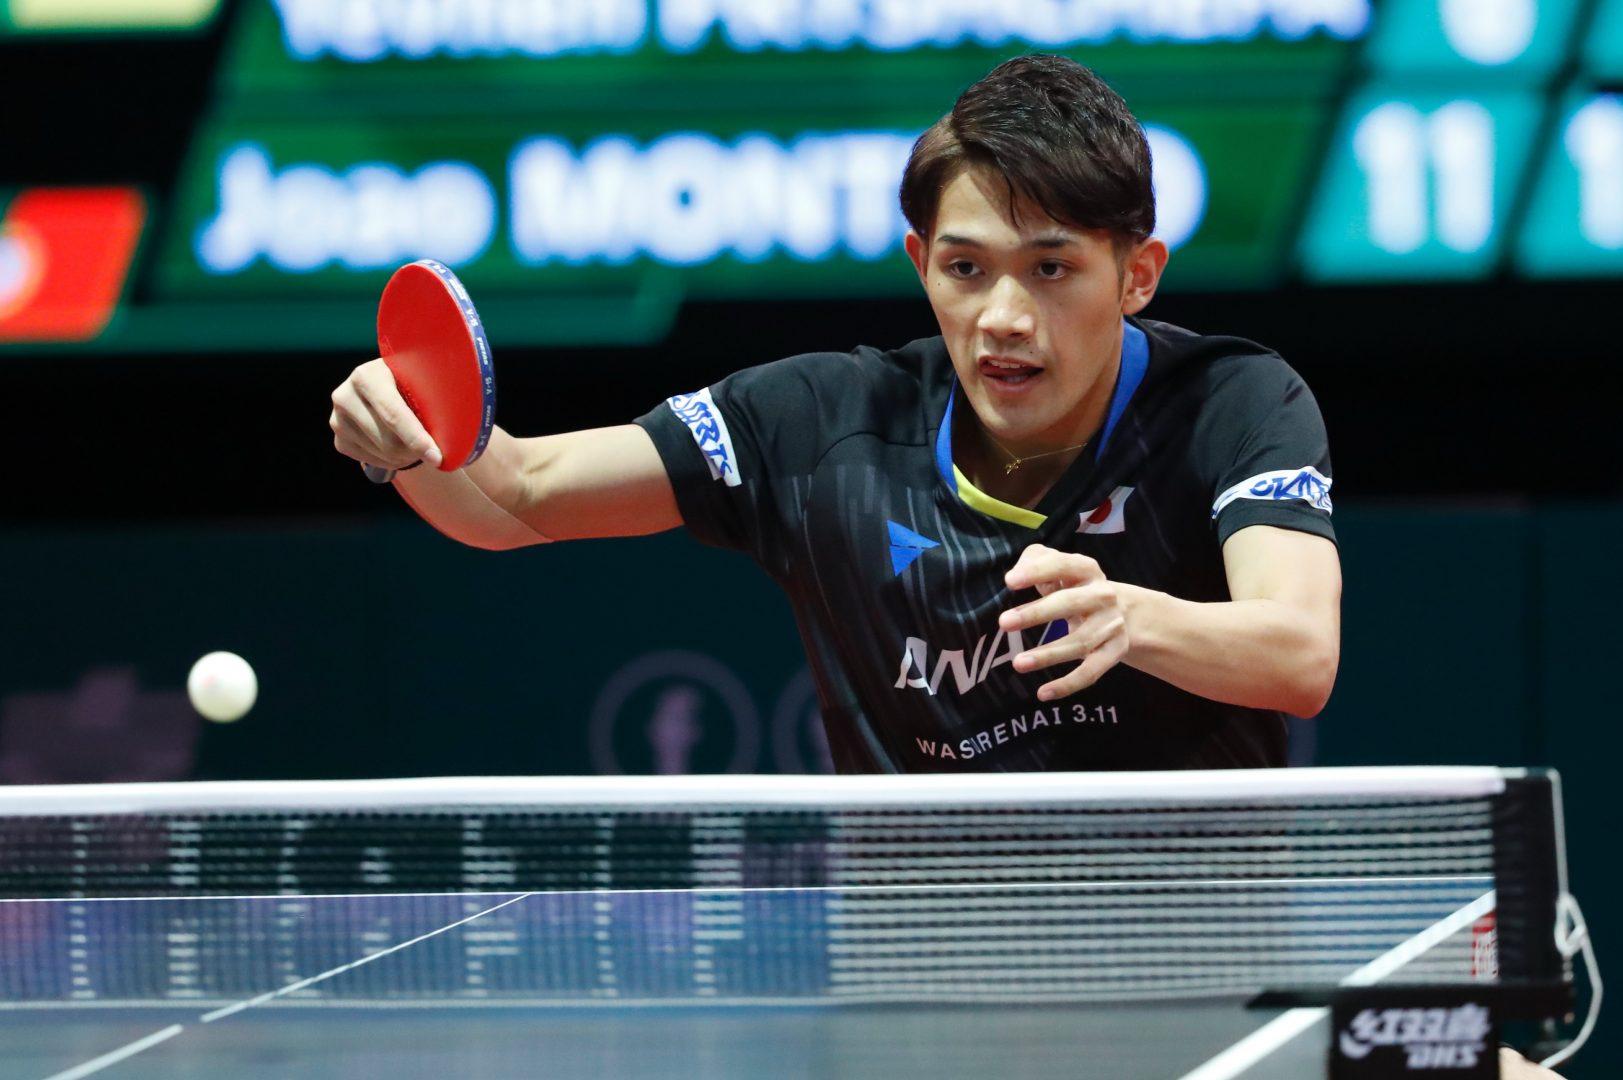 【卓球】吉村和弘「メンタルは過去最高点」4つの視点で振り返る世界卓球